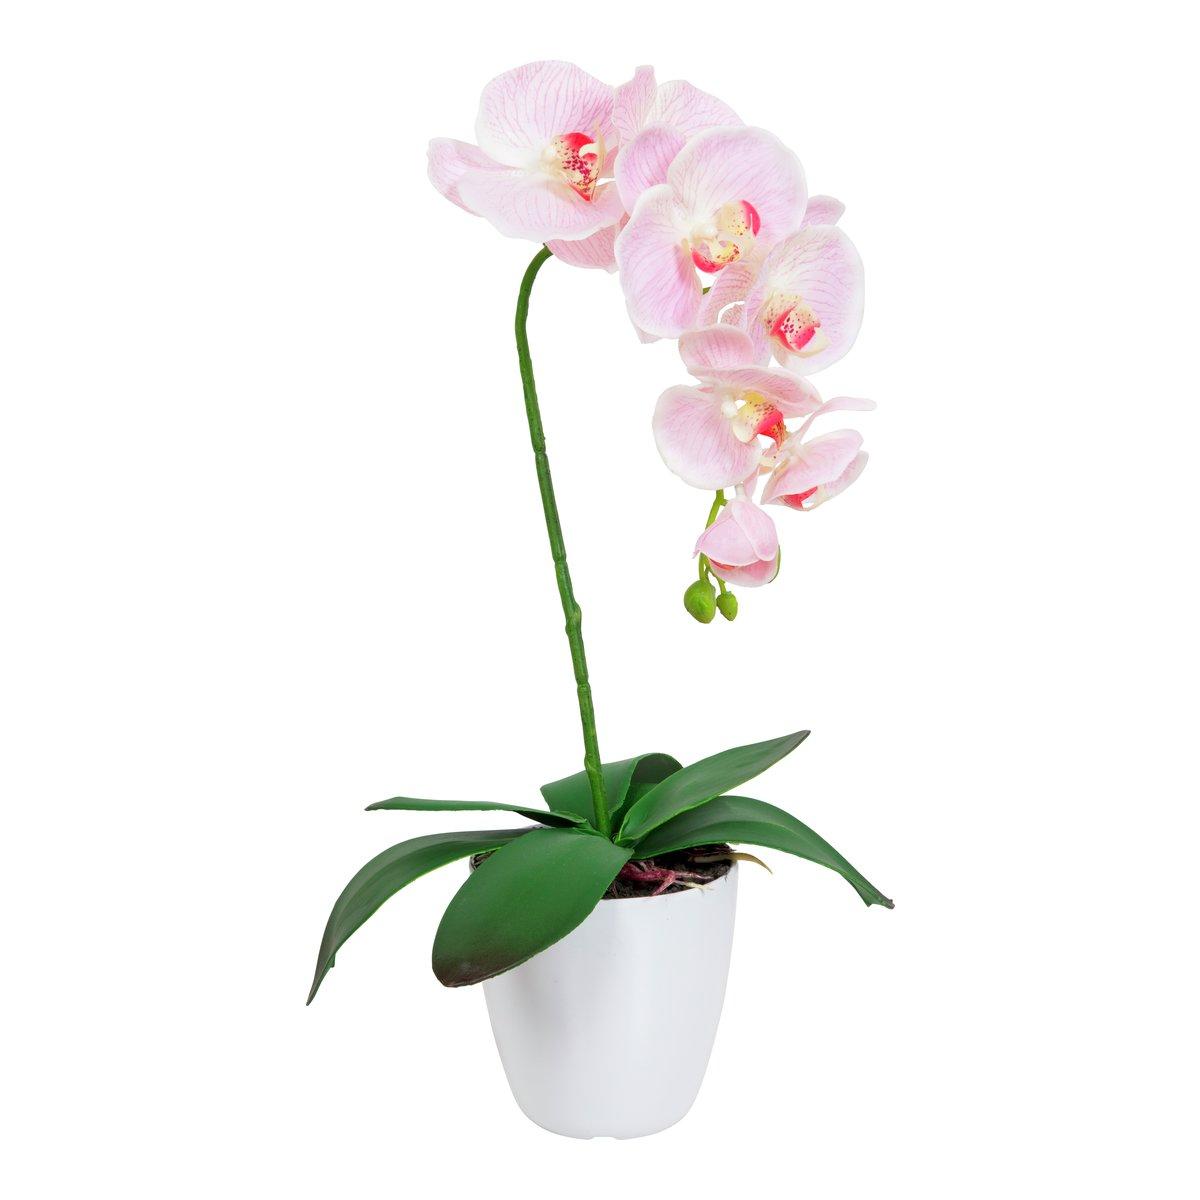 Orkide i potte-BLO1994